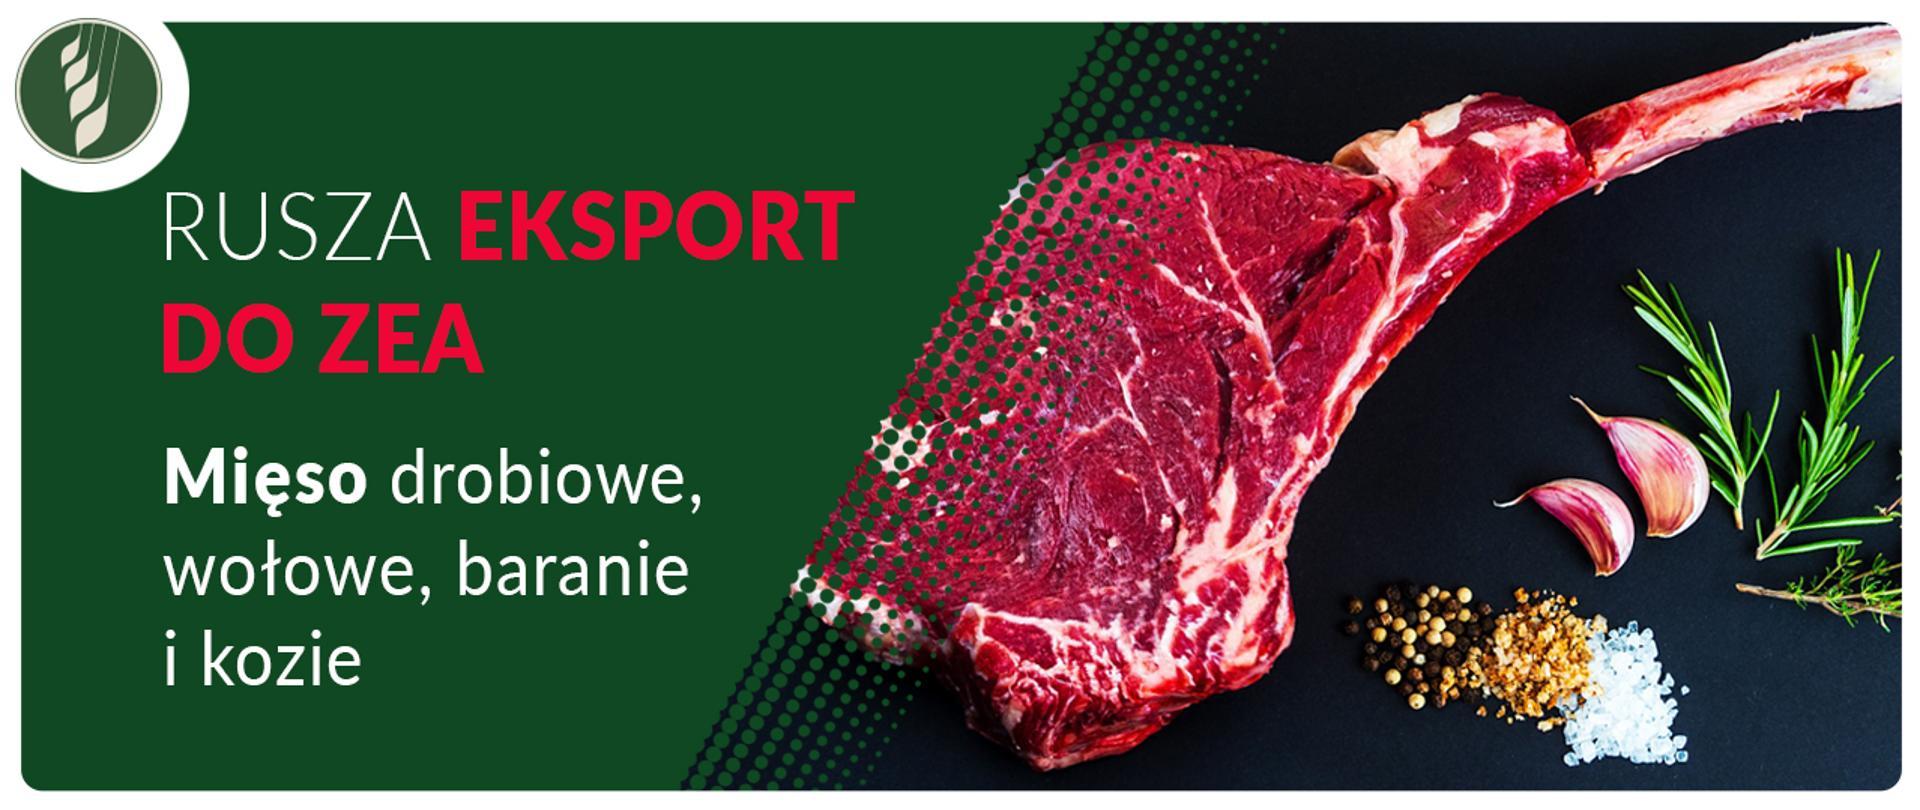 Rusza eksport do ZEA – mięso drobiowe, wołowe, baranie i kozie